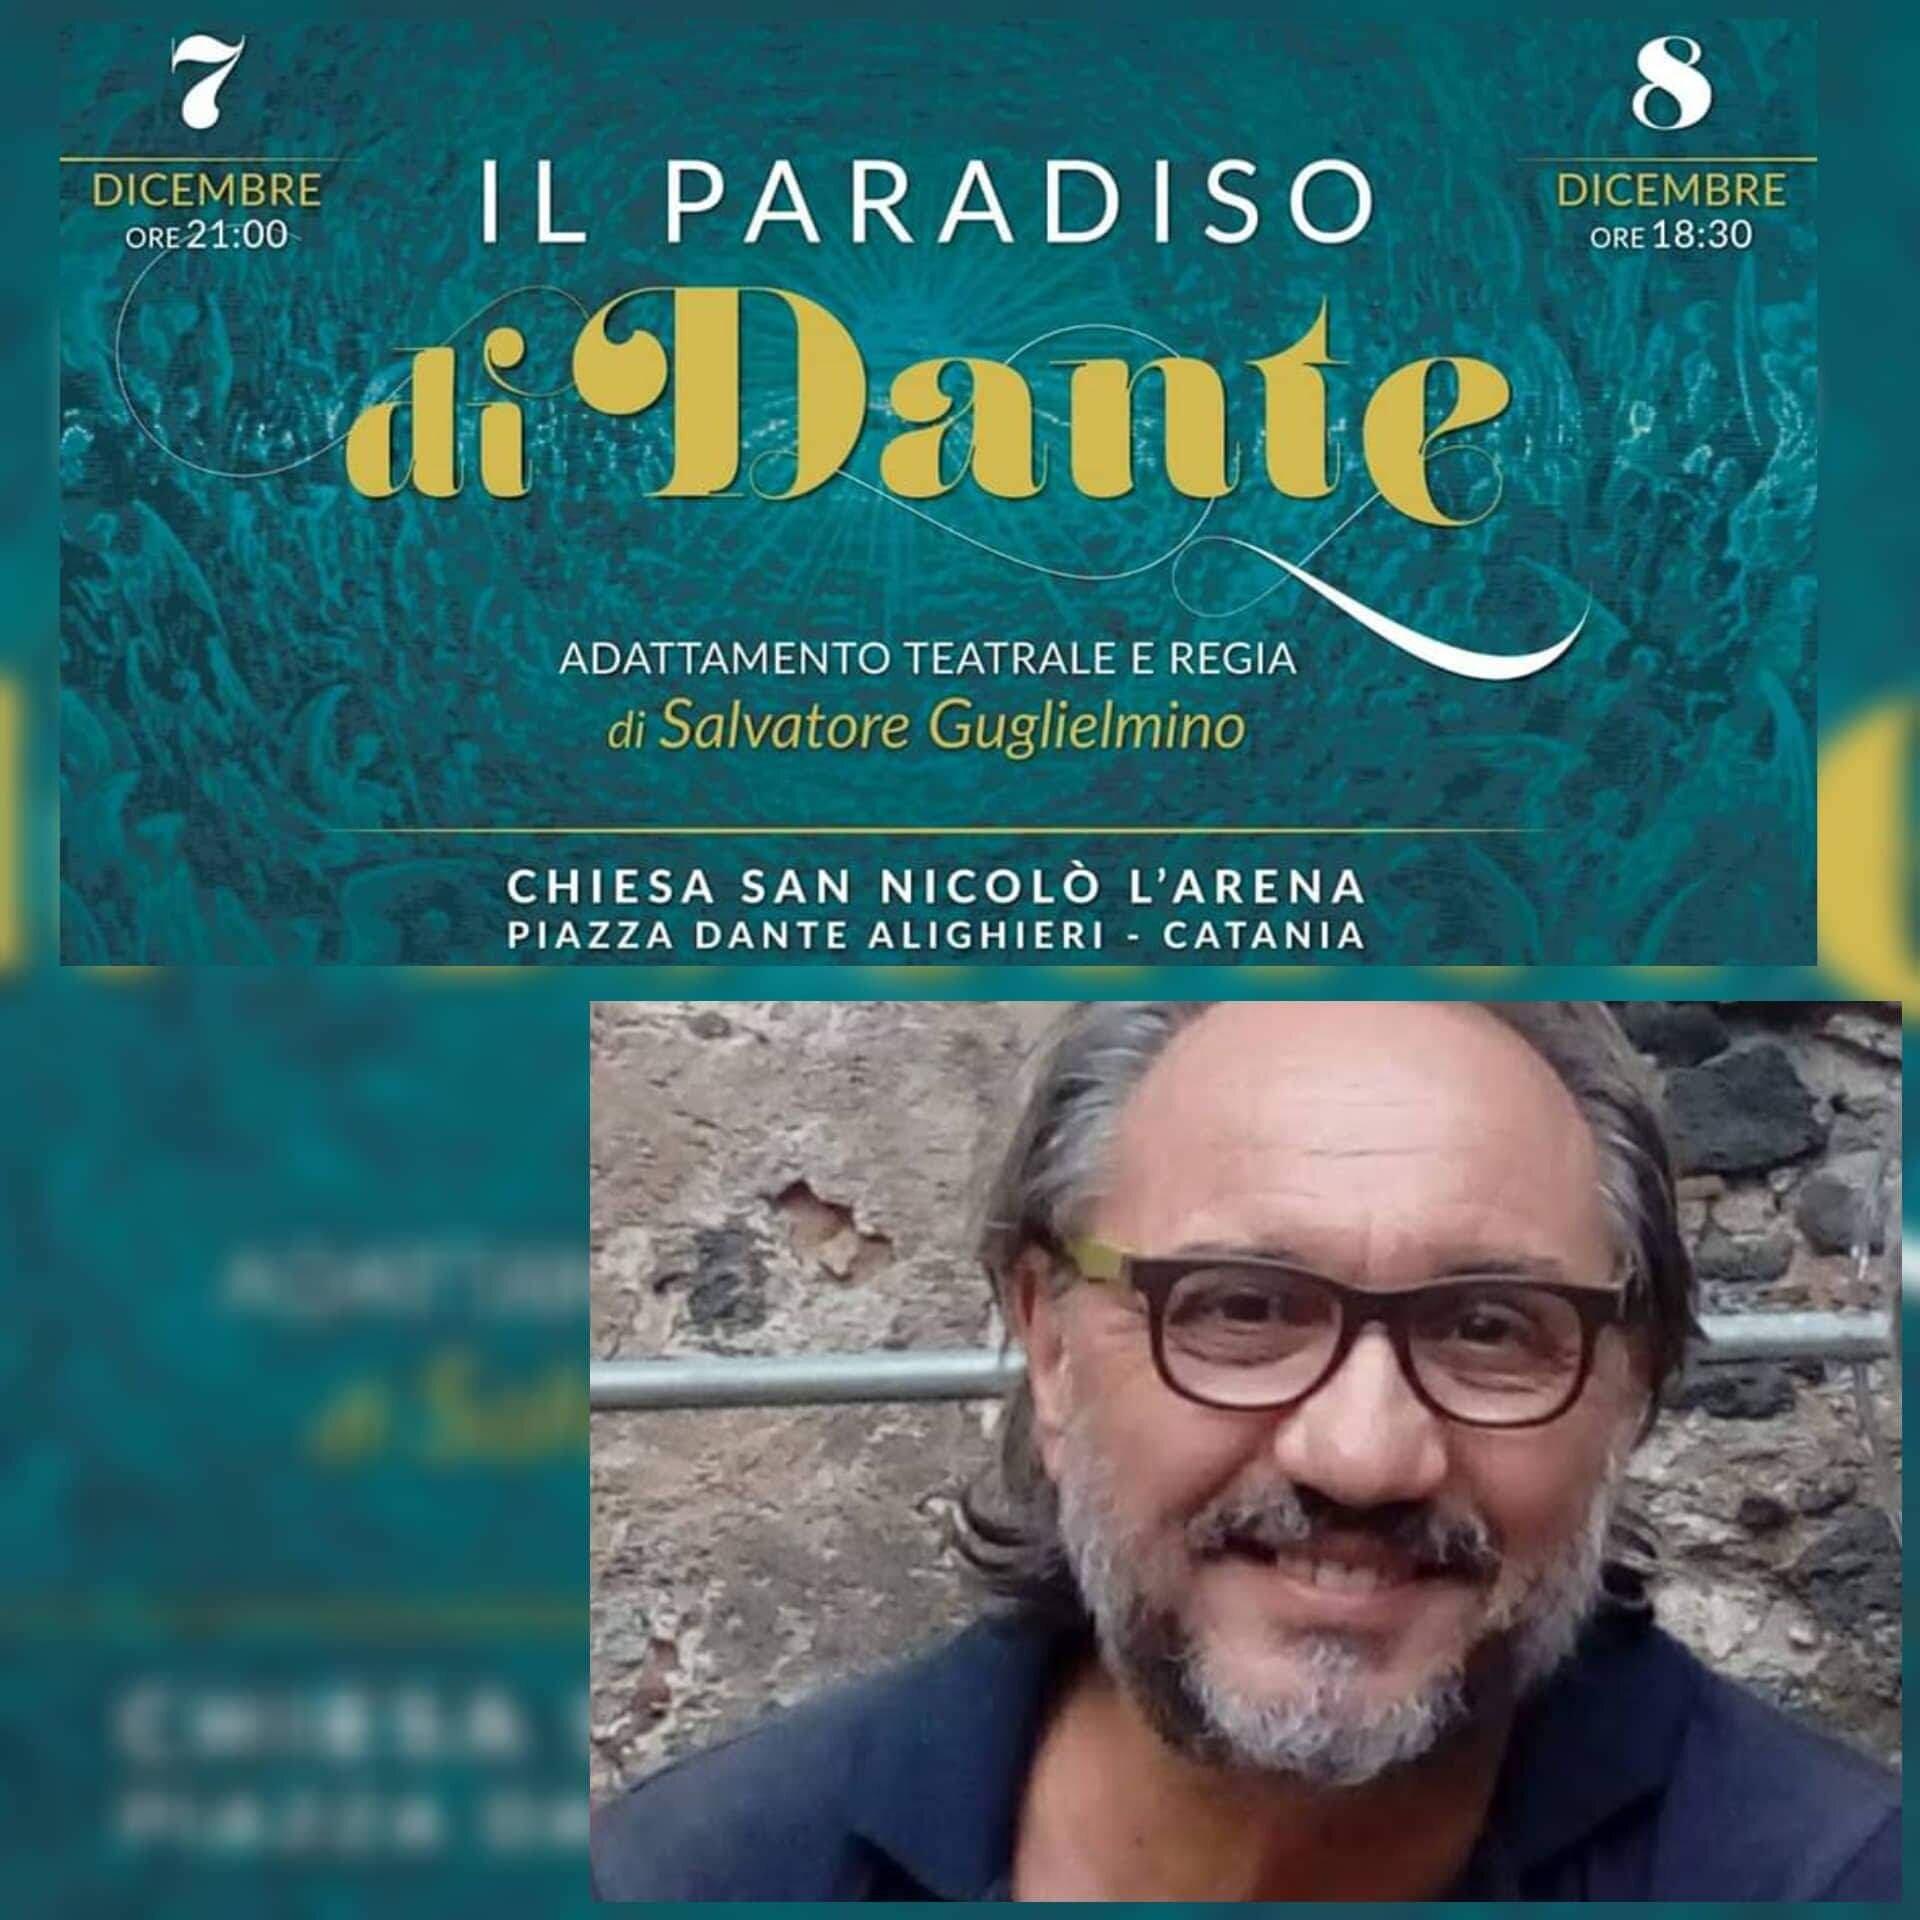 Orfeo torna a Catania, con un testo di Salvatore Guglielmino